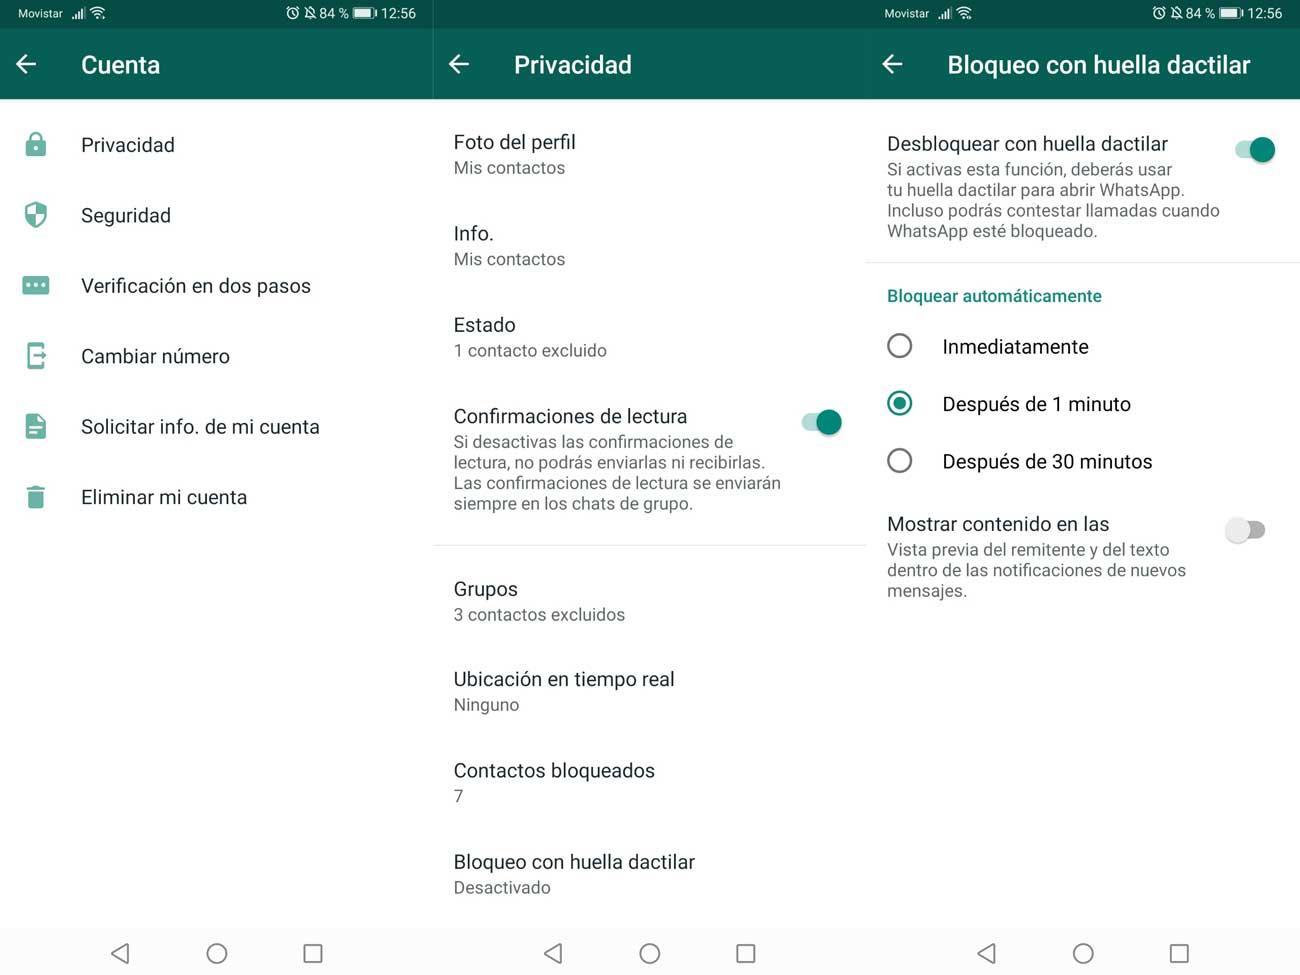 proteger tu cuenta de WhatsApp - Bloqueo con huella